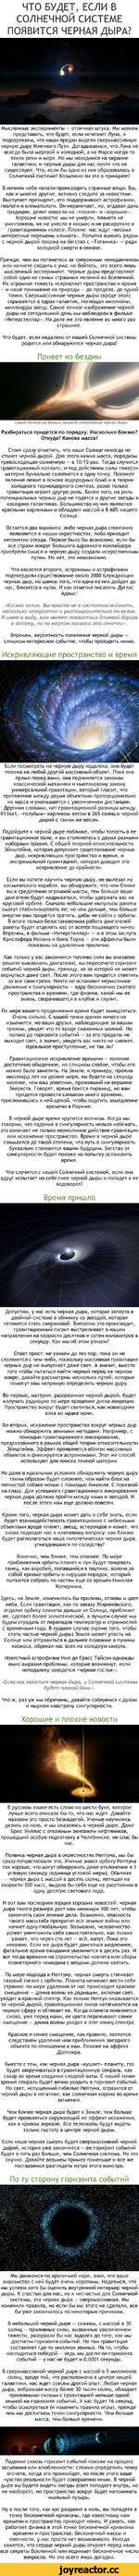 """ЧТО БУДЕТ, ЕСЛИ В СОЛНЕЧНОЙ СИСТЕМЕ ПОЯВИТСЯ ЧЕРНАЯ ДЫРА? & ■■¡енны^ерименты - отличная ш^^ы t*6"""" ппрлставить что будет, если исчезнет Луна, и подозреваем, что наши предки видели сееРх""""ас""""ВНУне черную дыру Млечного Пути. Догадываемся, что Луна не всегда была мертвой и холодной, а на Марсе когда-"""